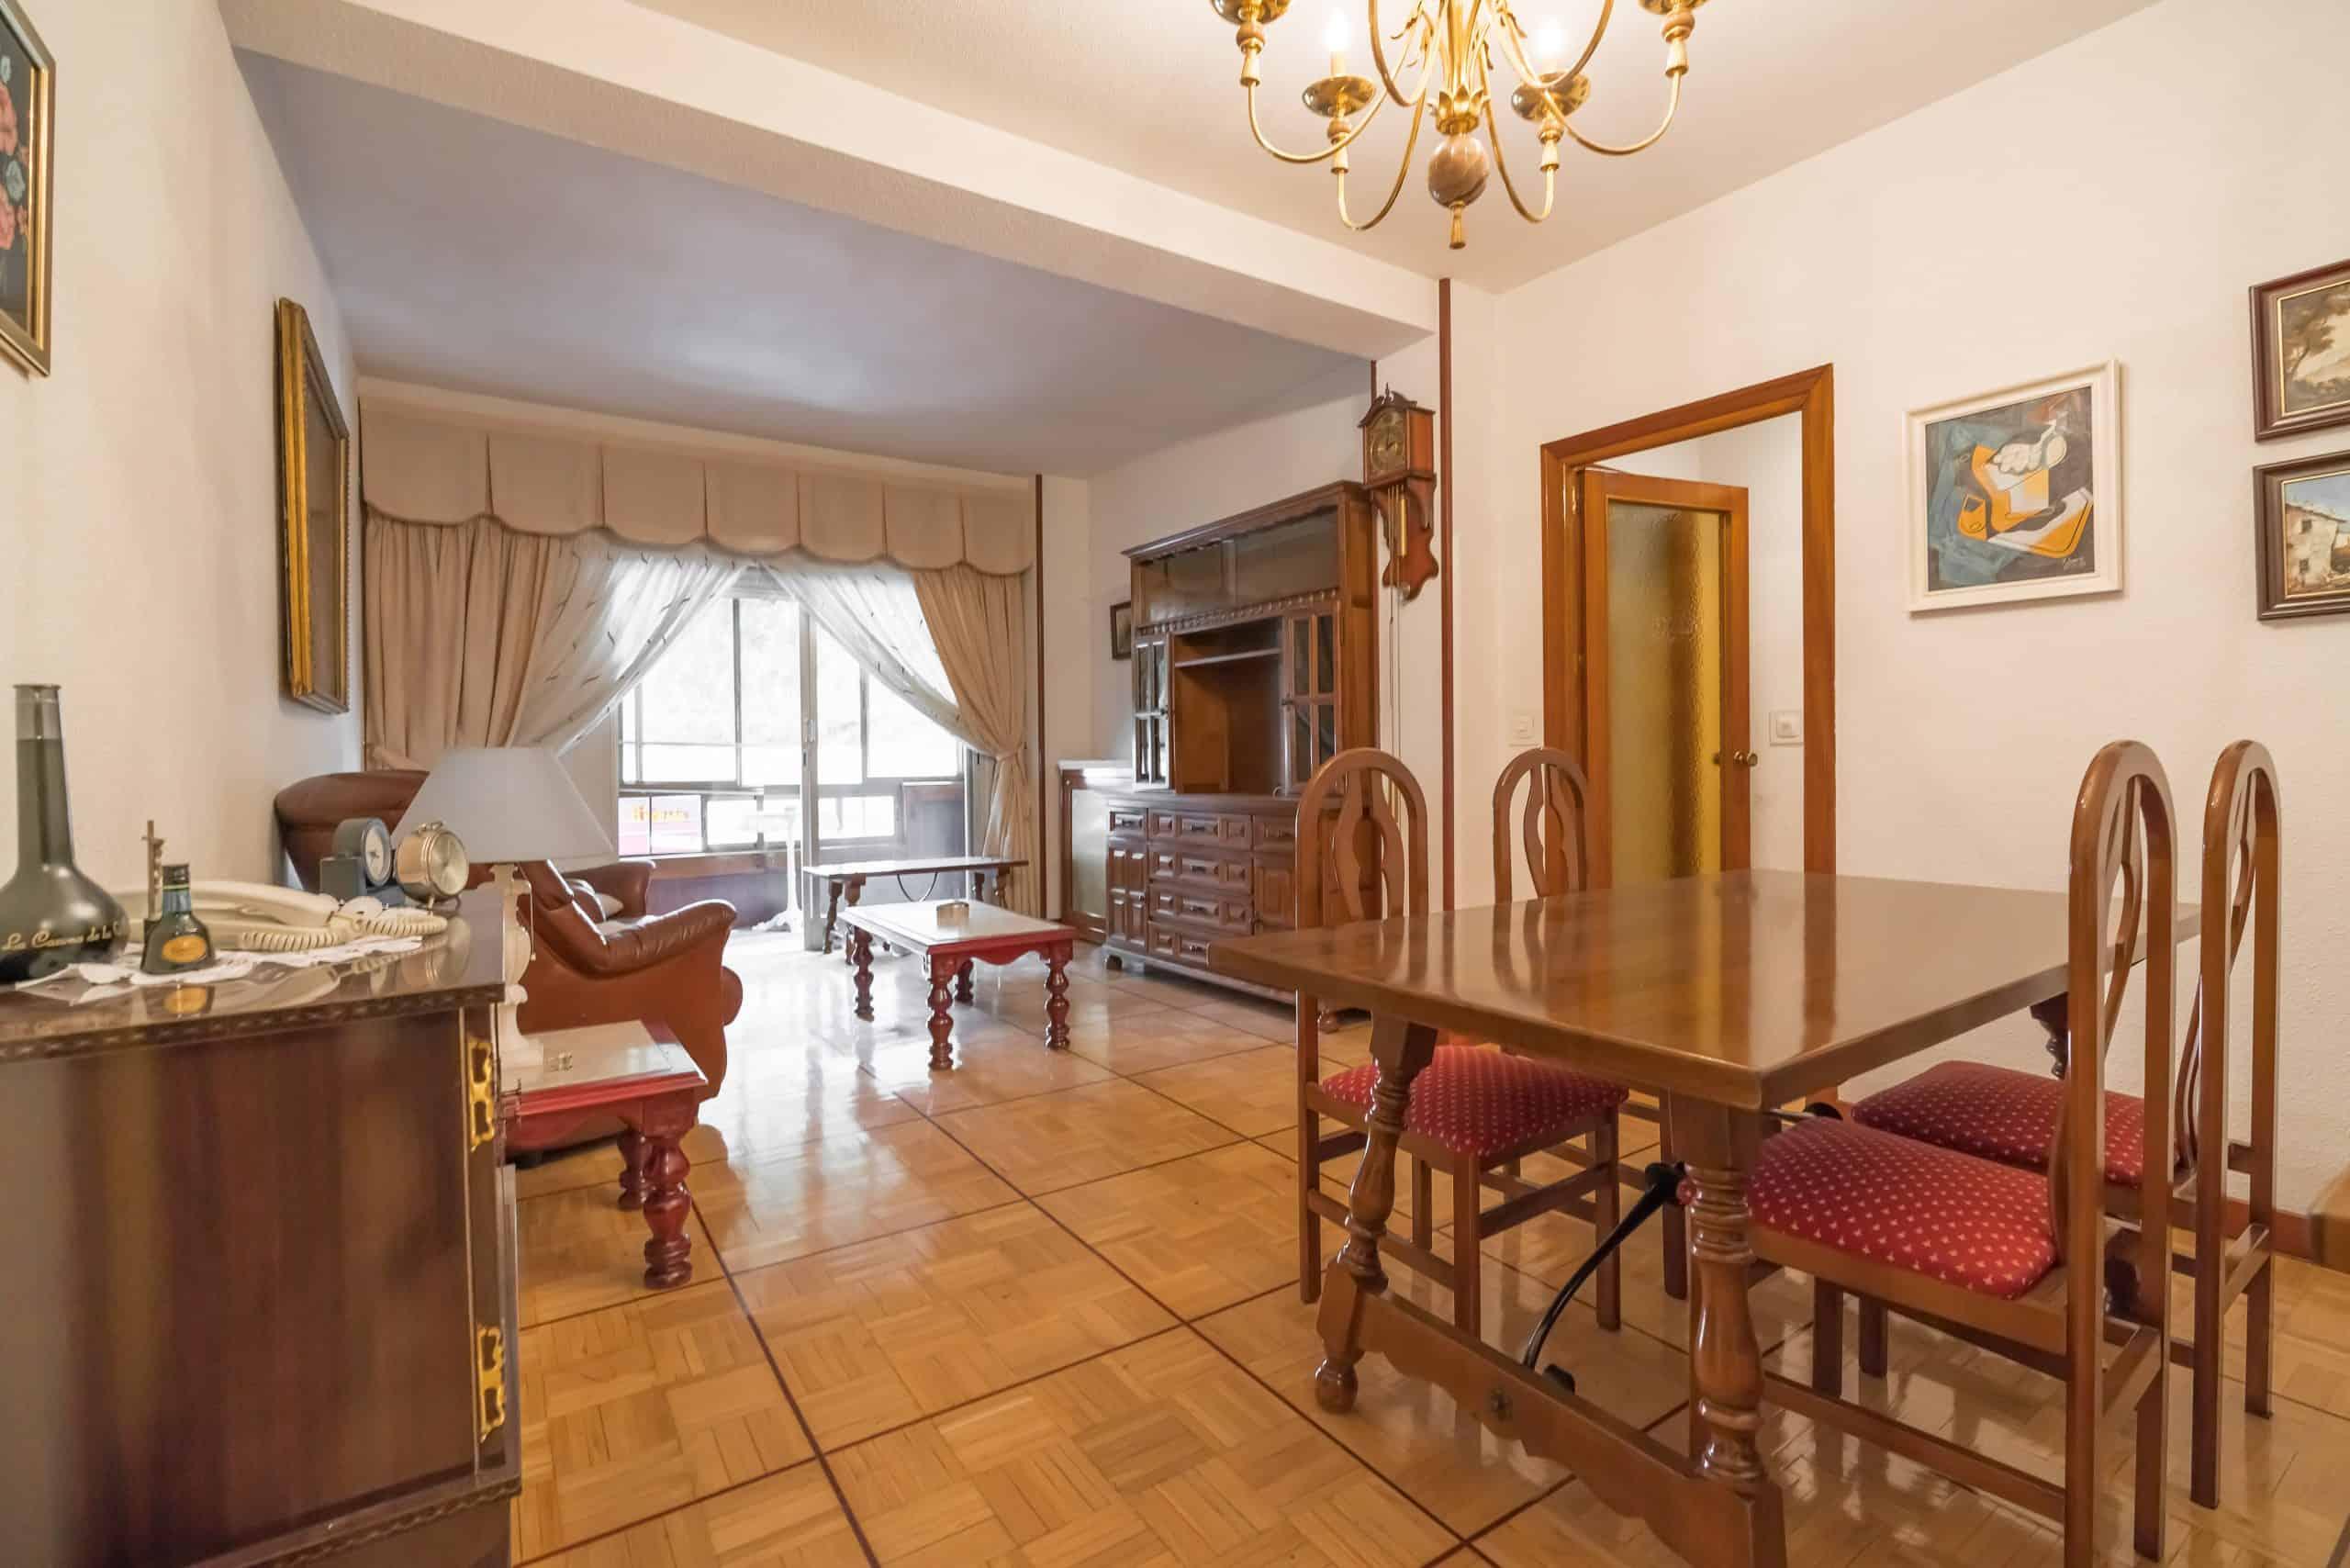 Agencia Inmobiliaria de Madrid-FUTUROCASA-Zona ARGANZUELA-EMBAJADORES-LEGAZPI -calle tomas borras- Salon 1